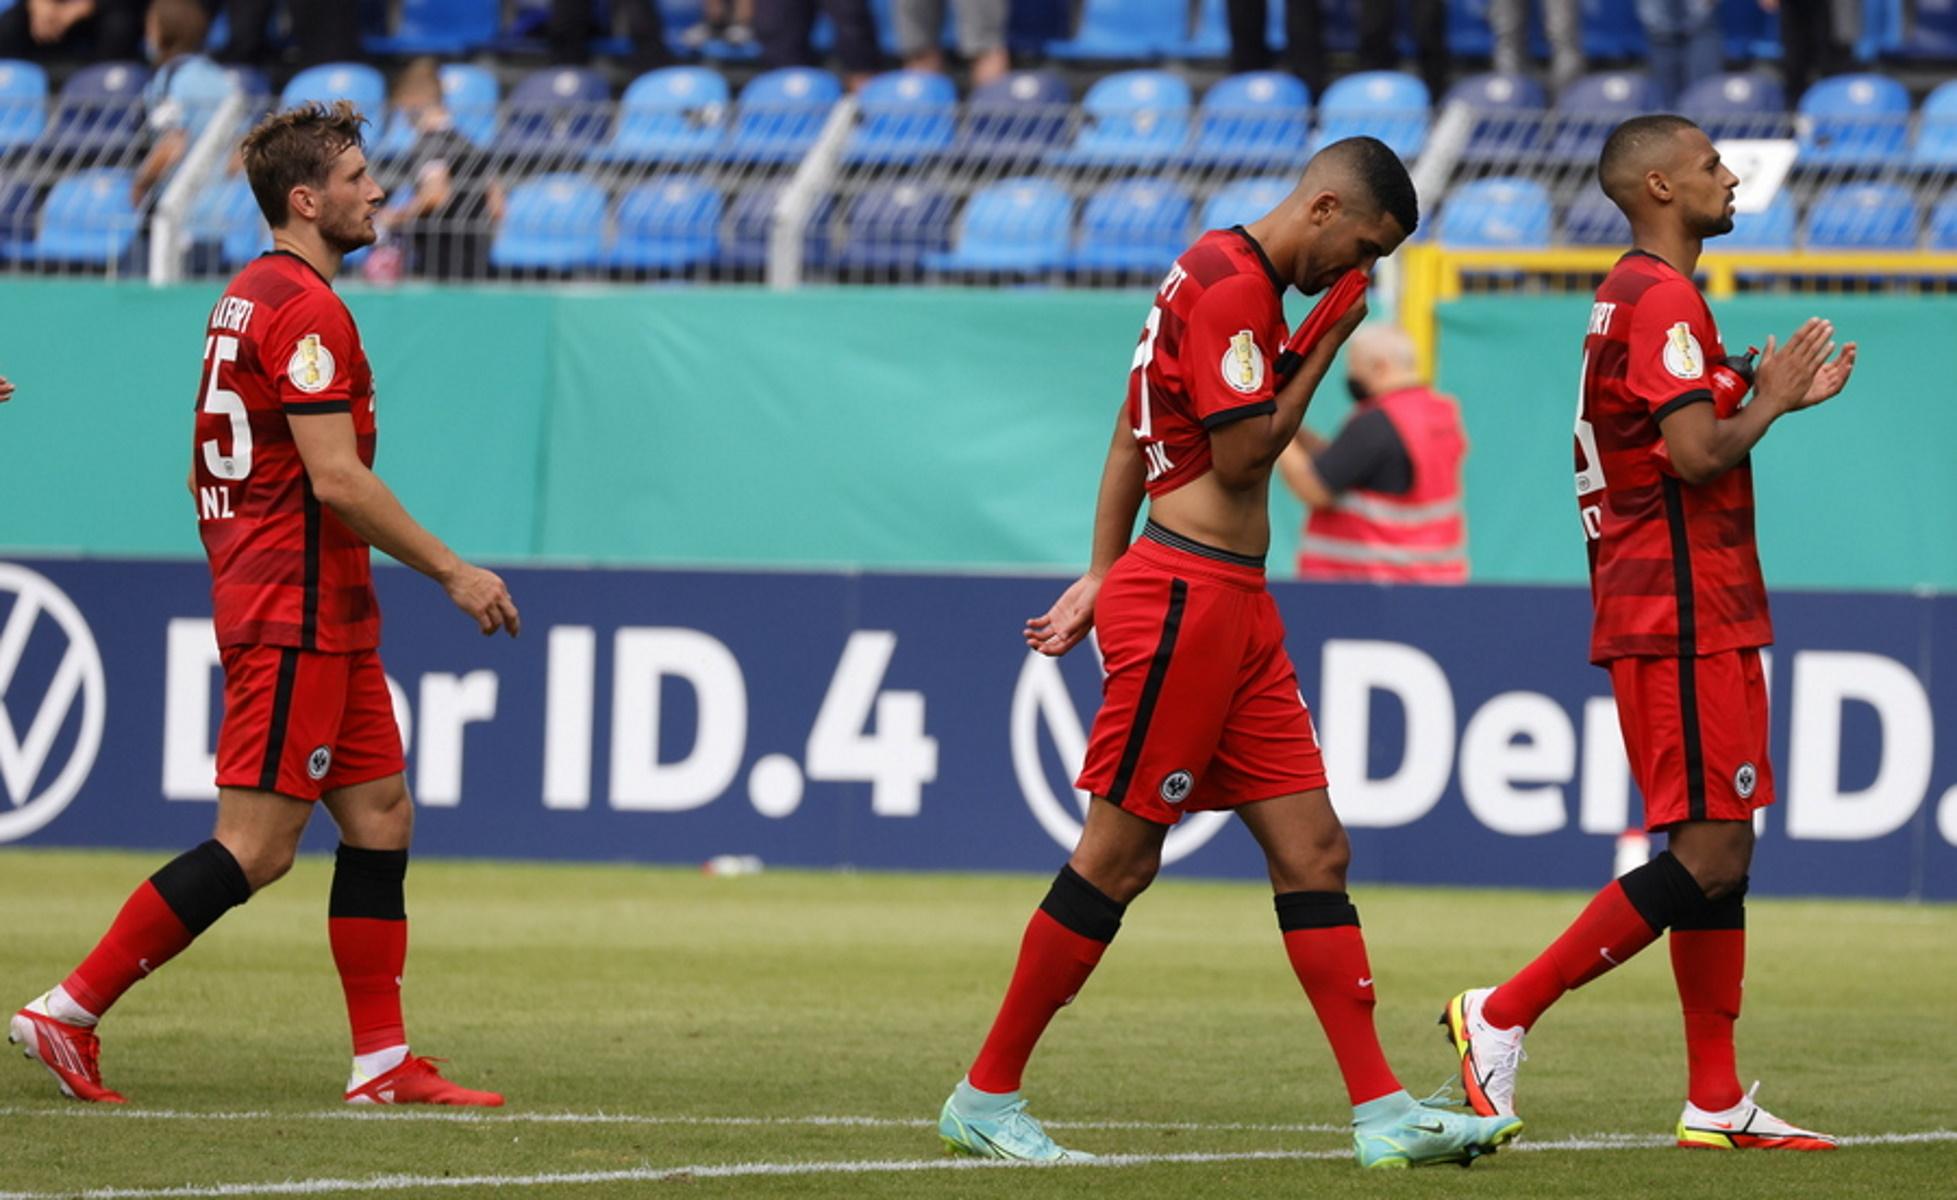 Κύπελλο Γερμανίας: Ομάδα 3ης κατηγορίας απέκλεισε την Άιντραχτ Φρανκφούρτης